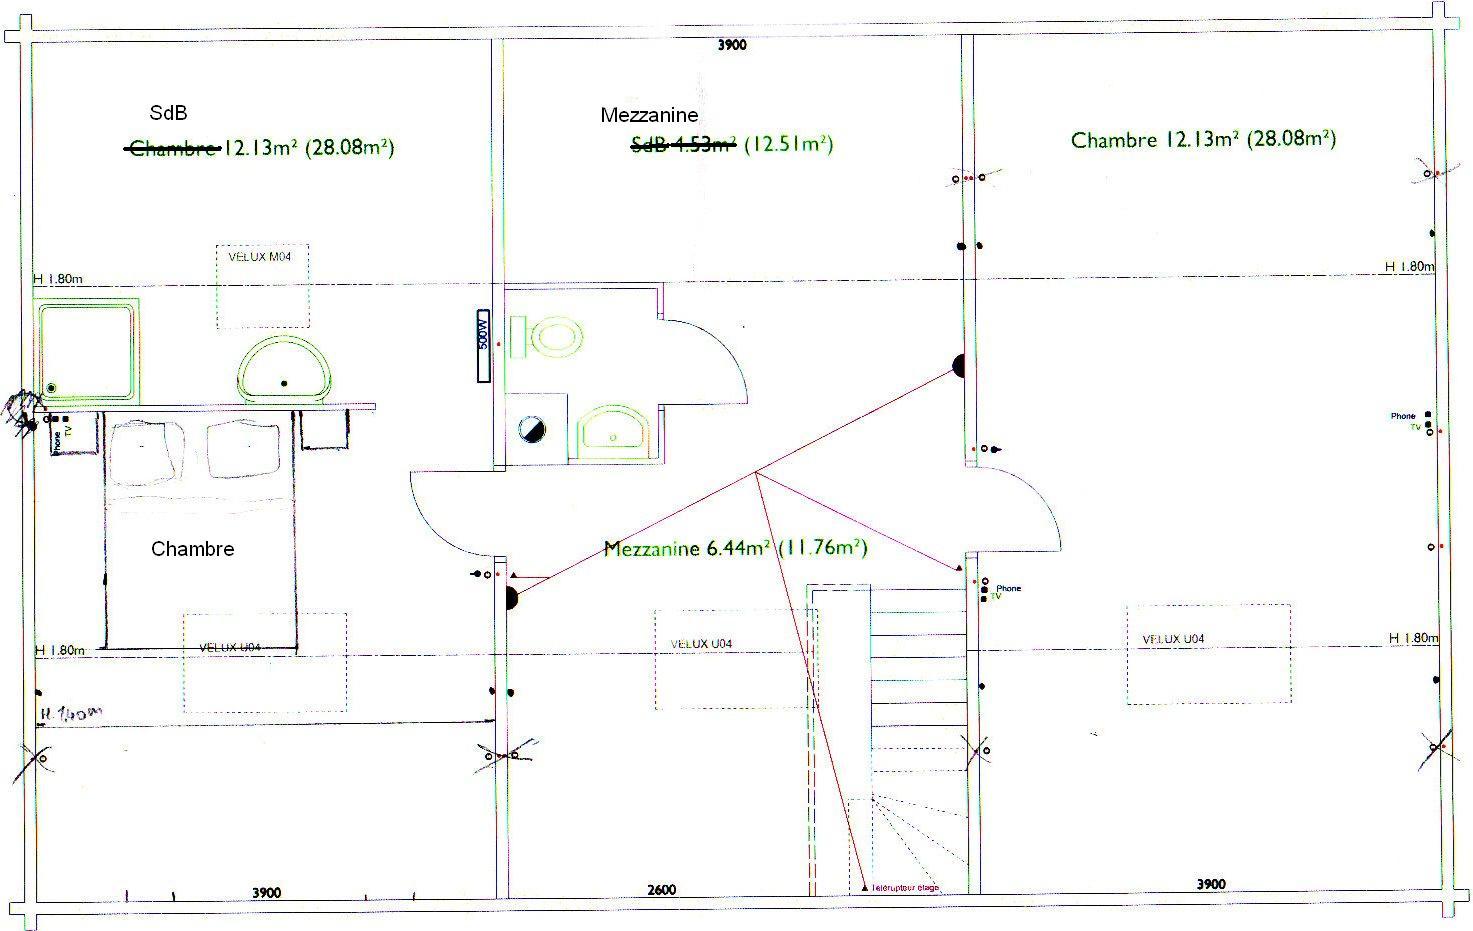 Schéma electrique sur plan de maison